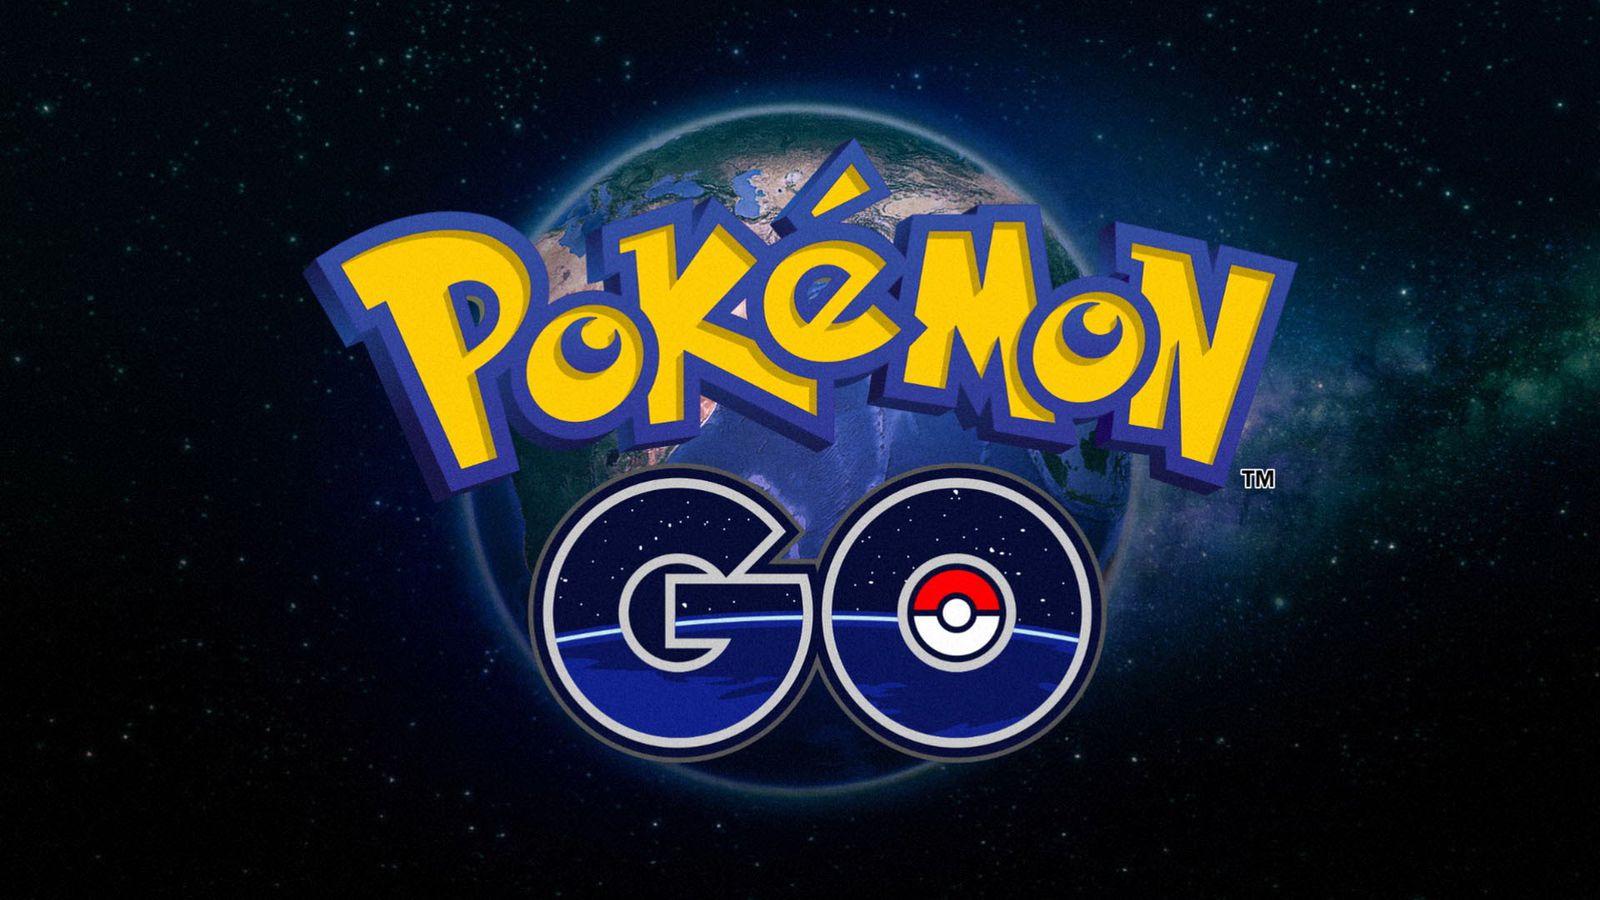 Pokémon GO se actualiza a la versión 0.63.1 y 1.33.1, descubre sus novedades